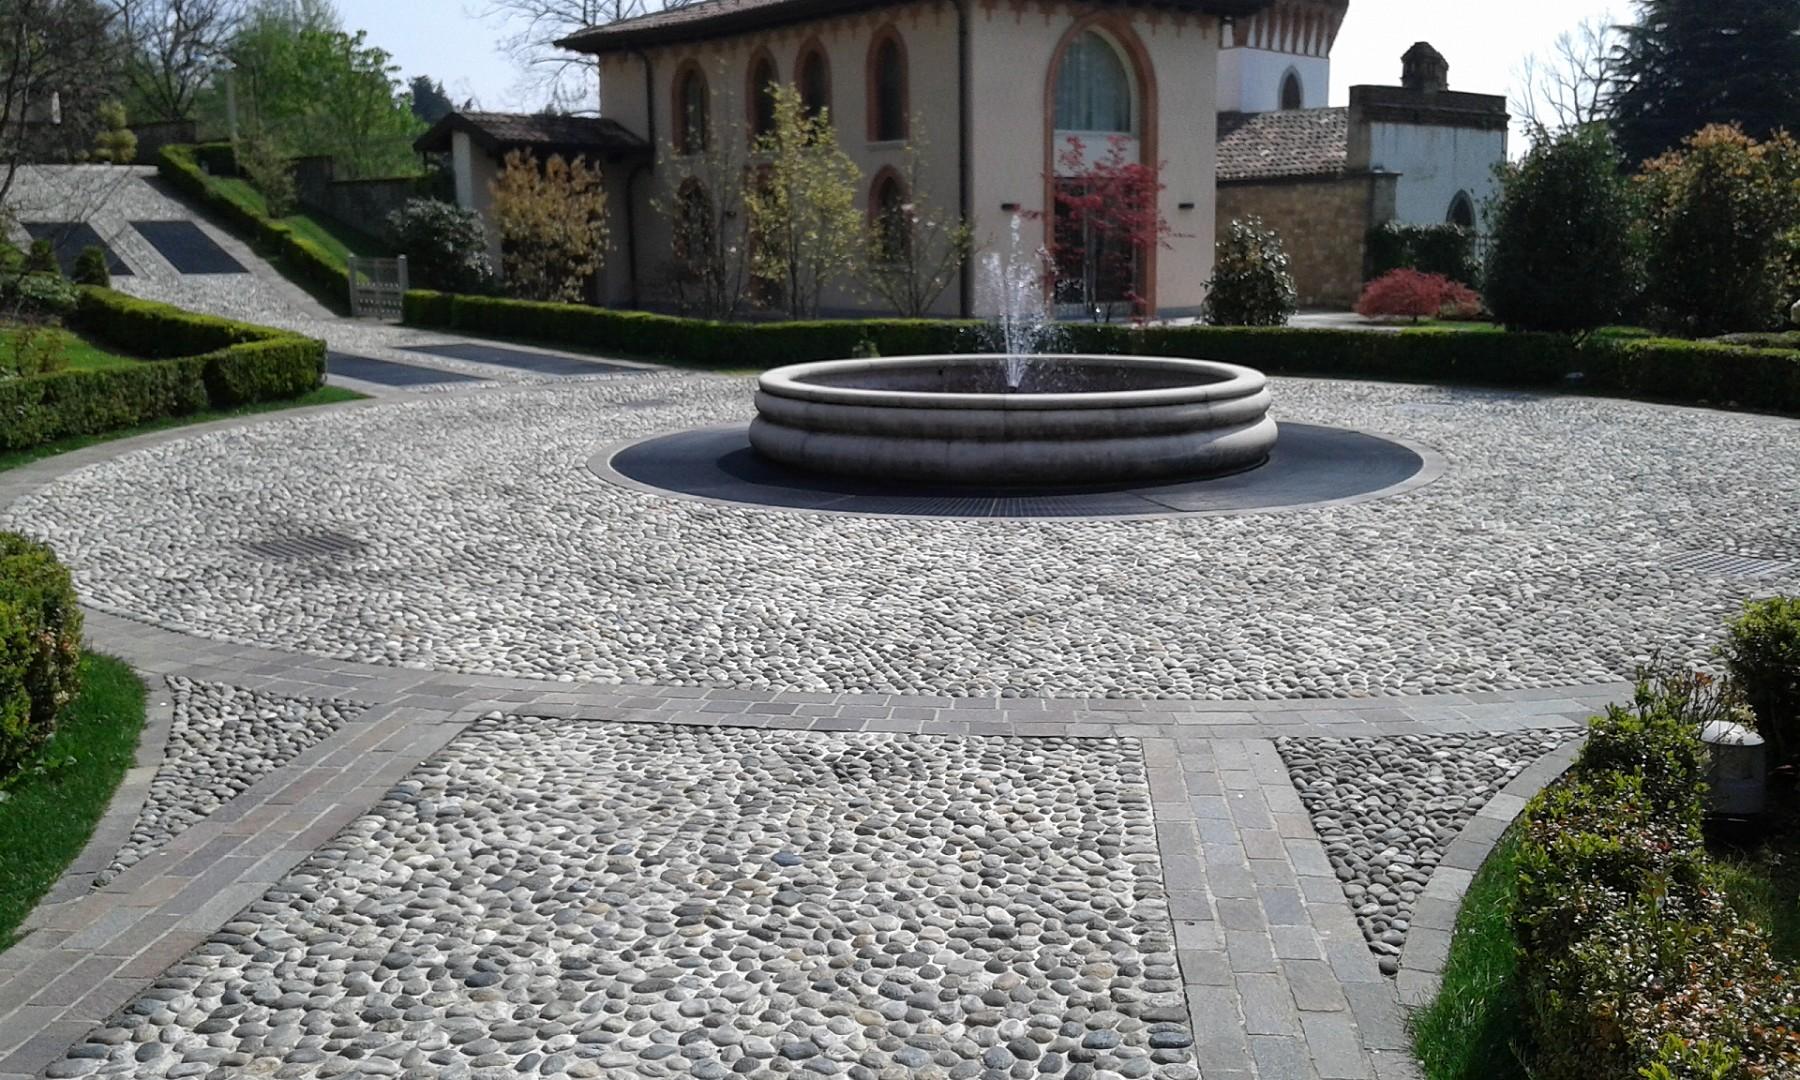 Pavimentazione Giardino In Pietra cabiati materiali edili genova molassana | materiale edile